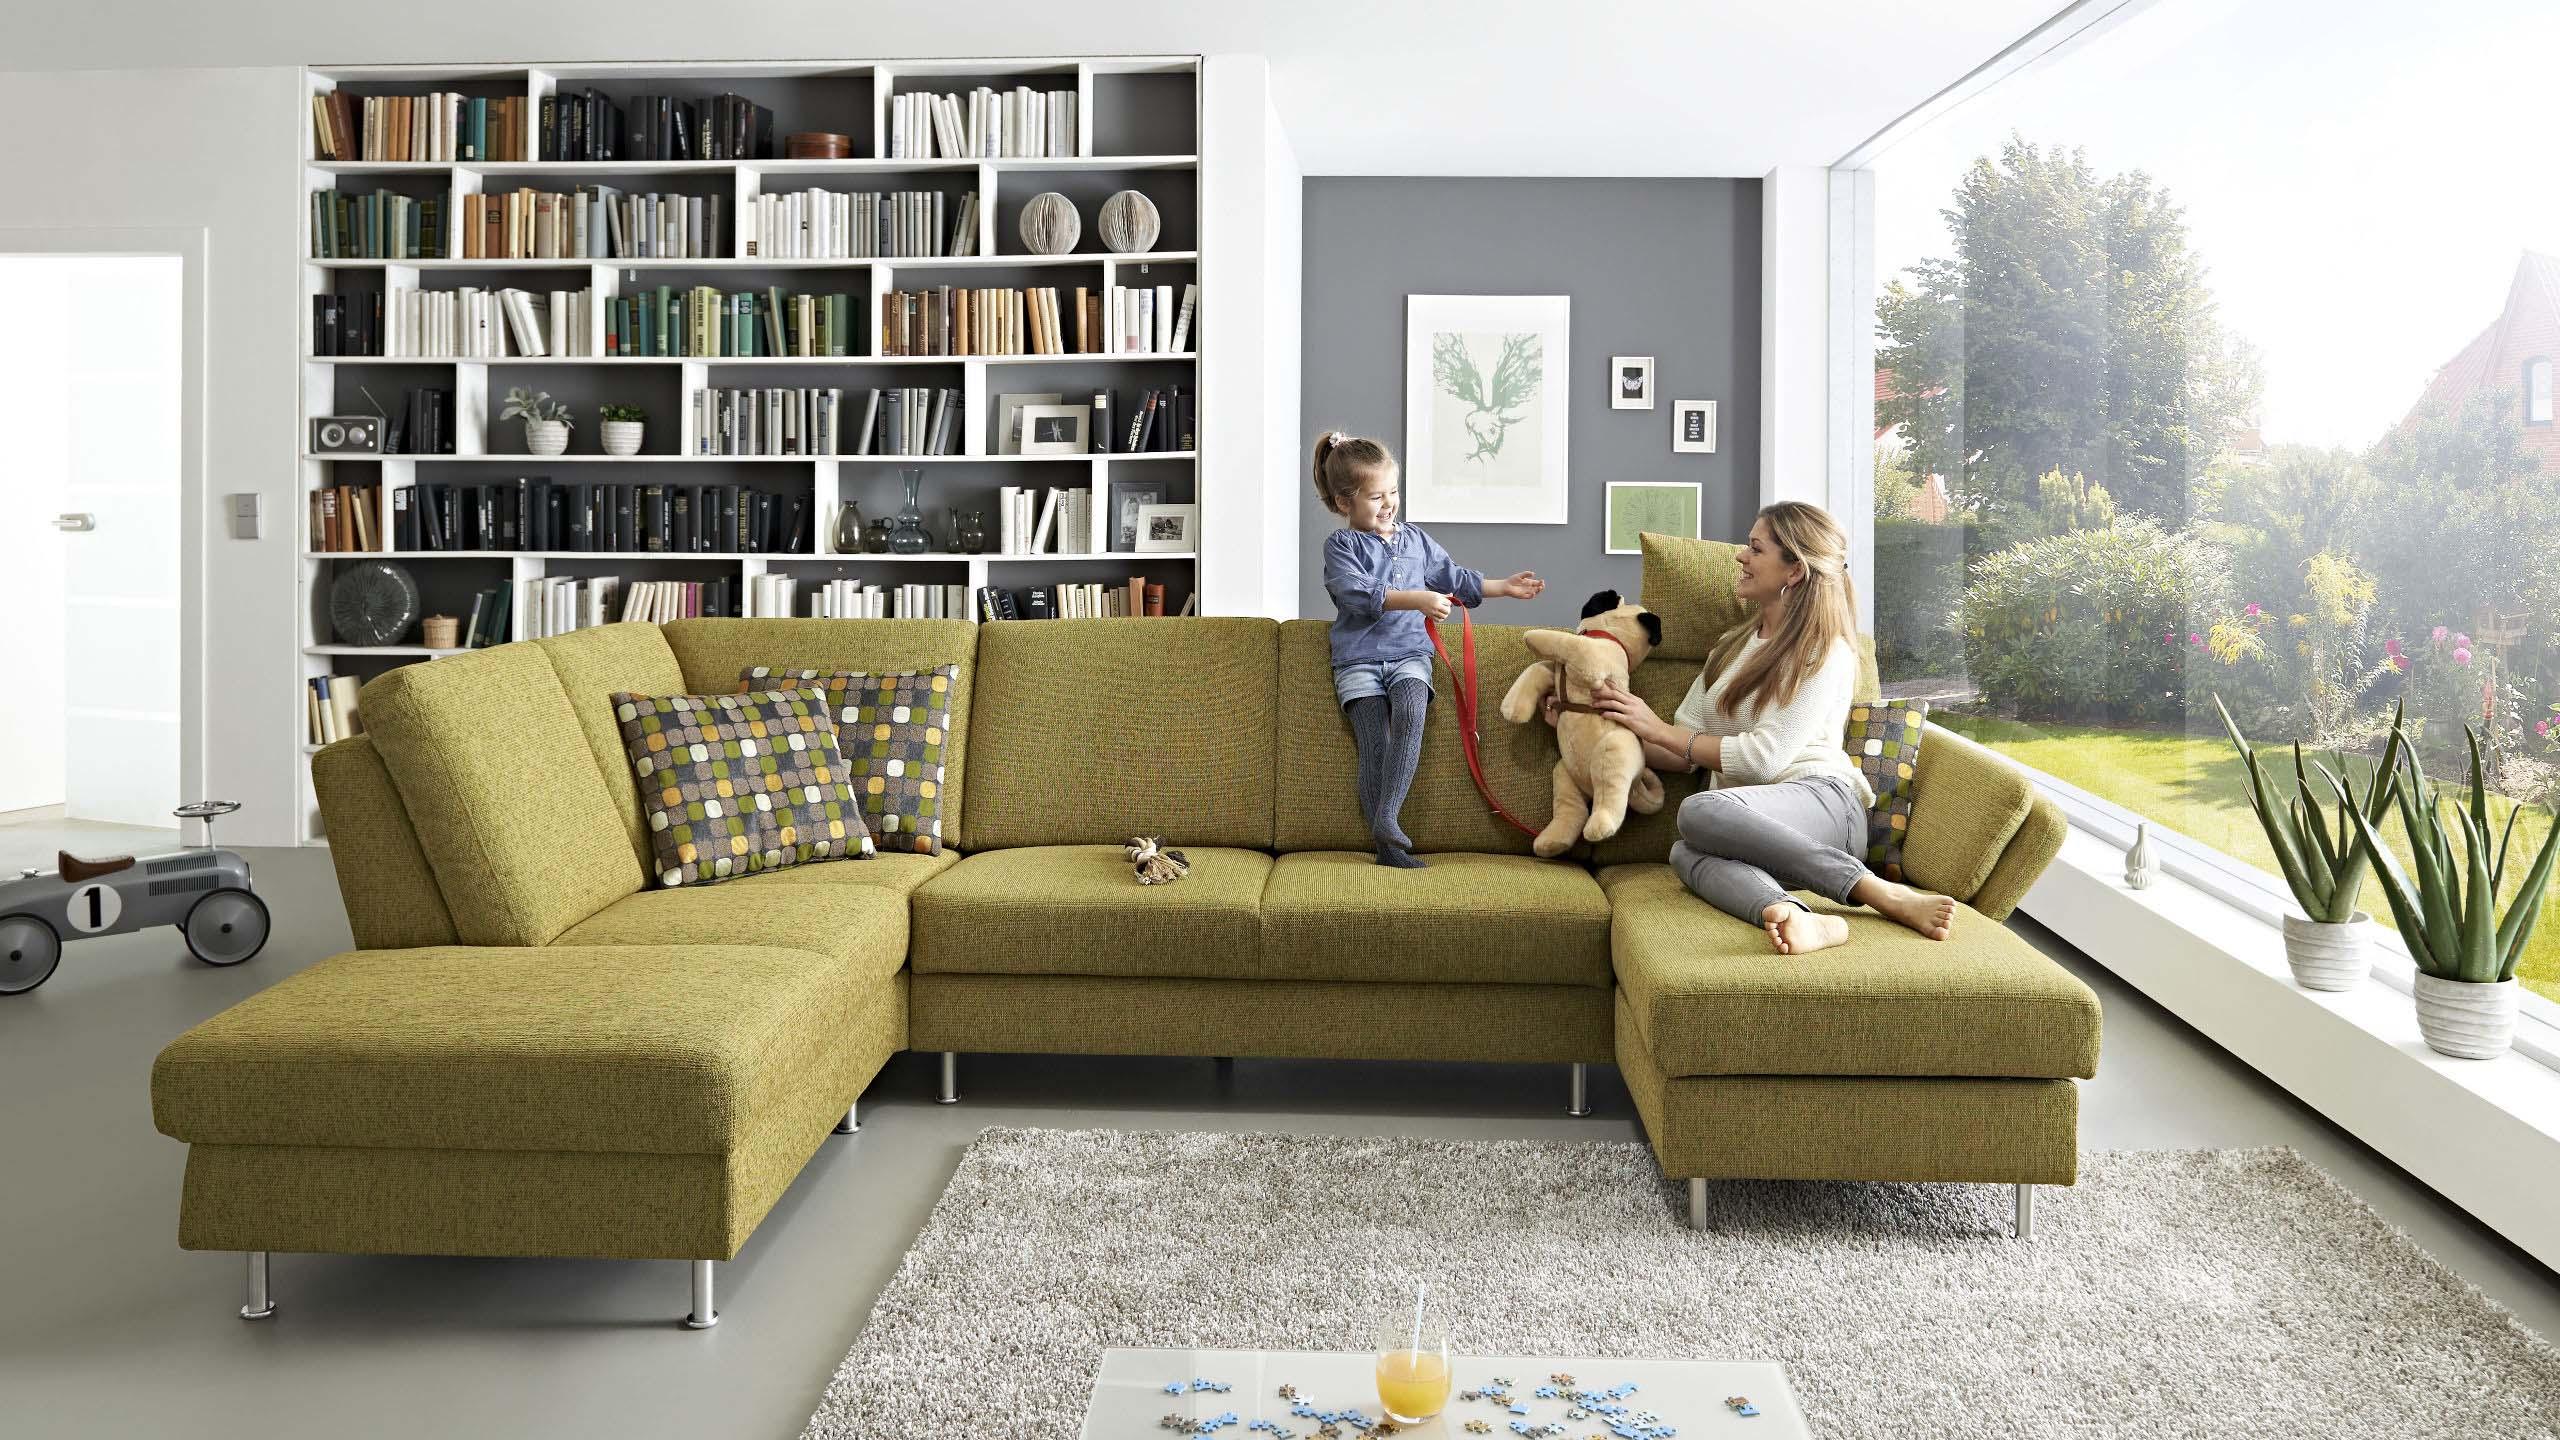 Full Size of Sofa Konfigurator Höffner Modulmaster Variable Polsterprogramme Fr Ihr Individuelles Zuhause Kissen 3 2 1 Sitzer Verkaufen Günstig Kaufen Stilecht Wohnzimmer Sofa Konfigurator Höffner